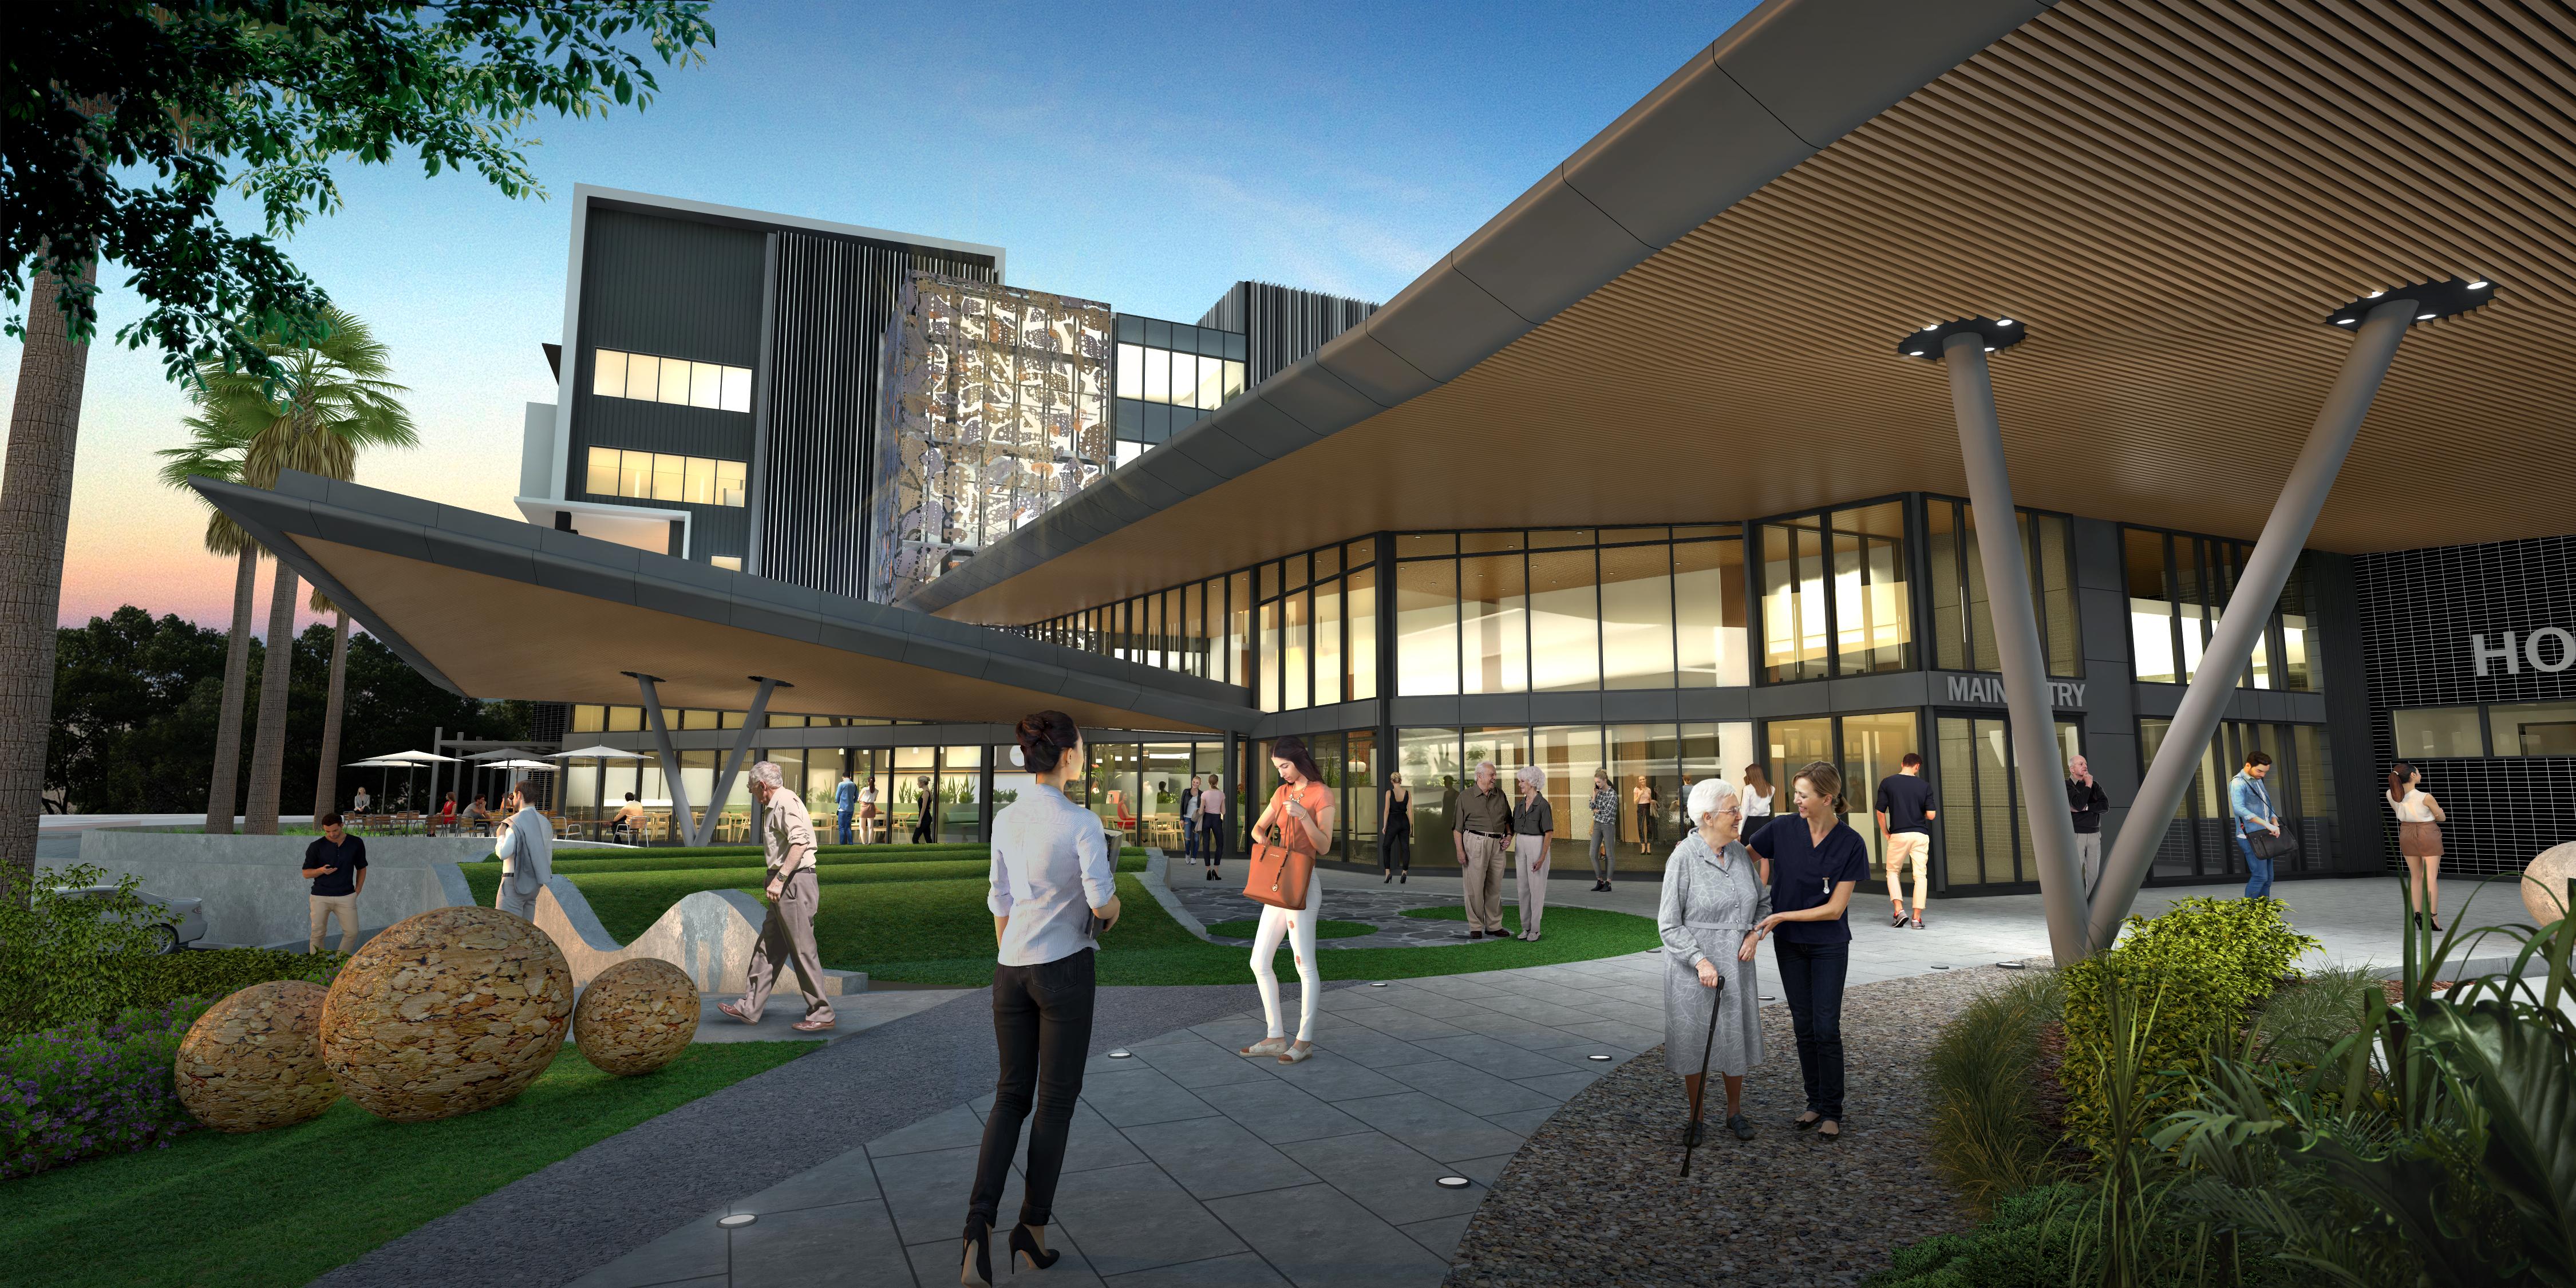 new Hornsby Hospital2 - Sydney: Bệnh viện Hornsby sắp được 'thay da đổi thịt'